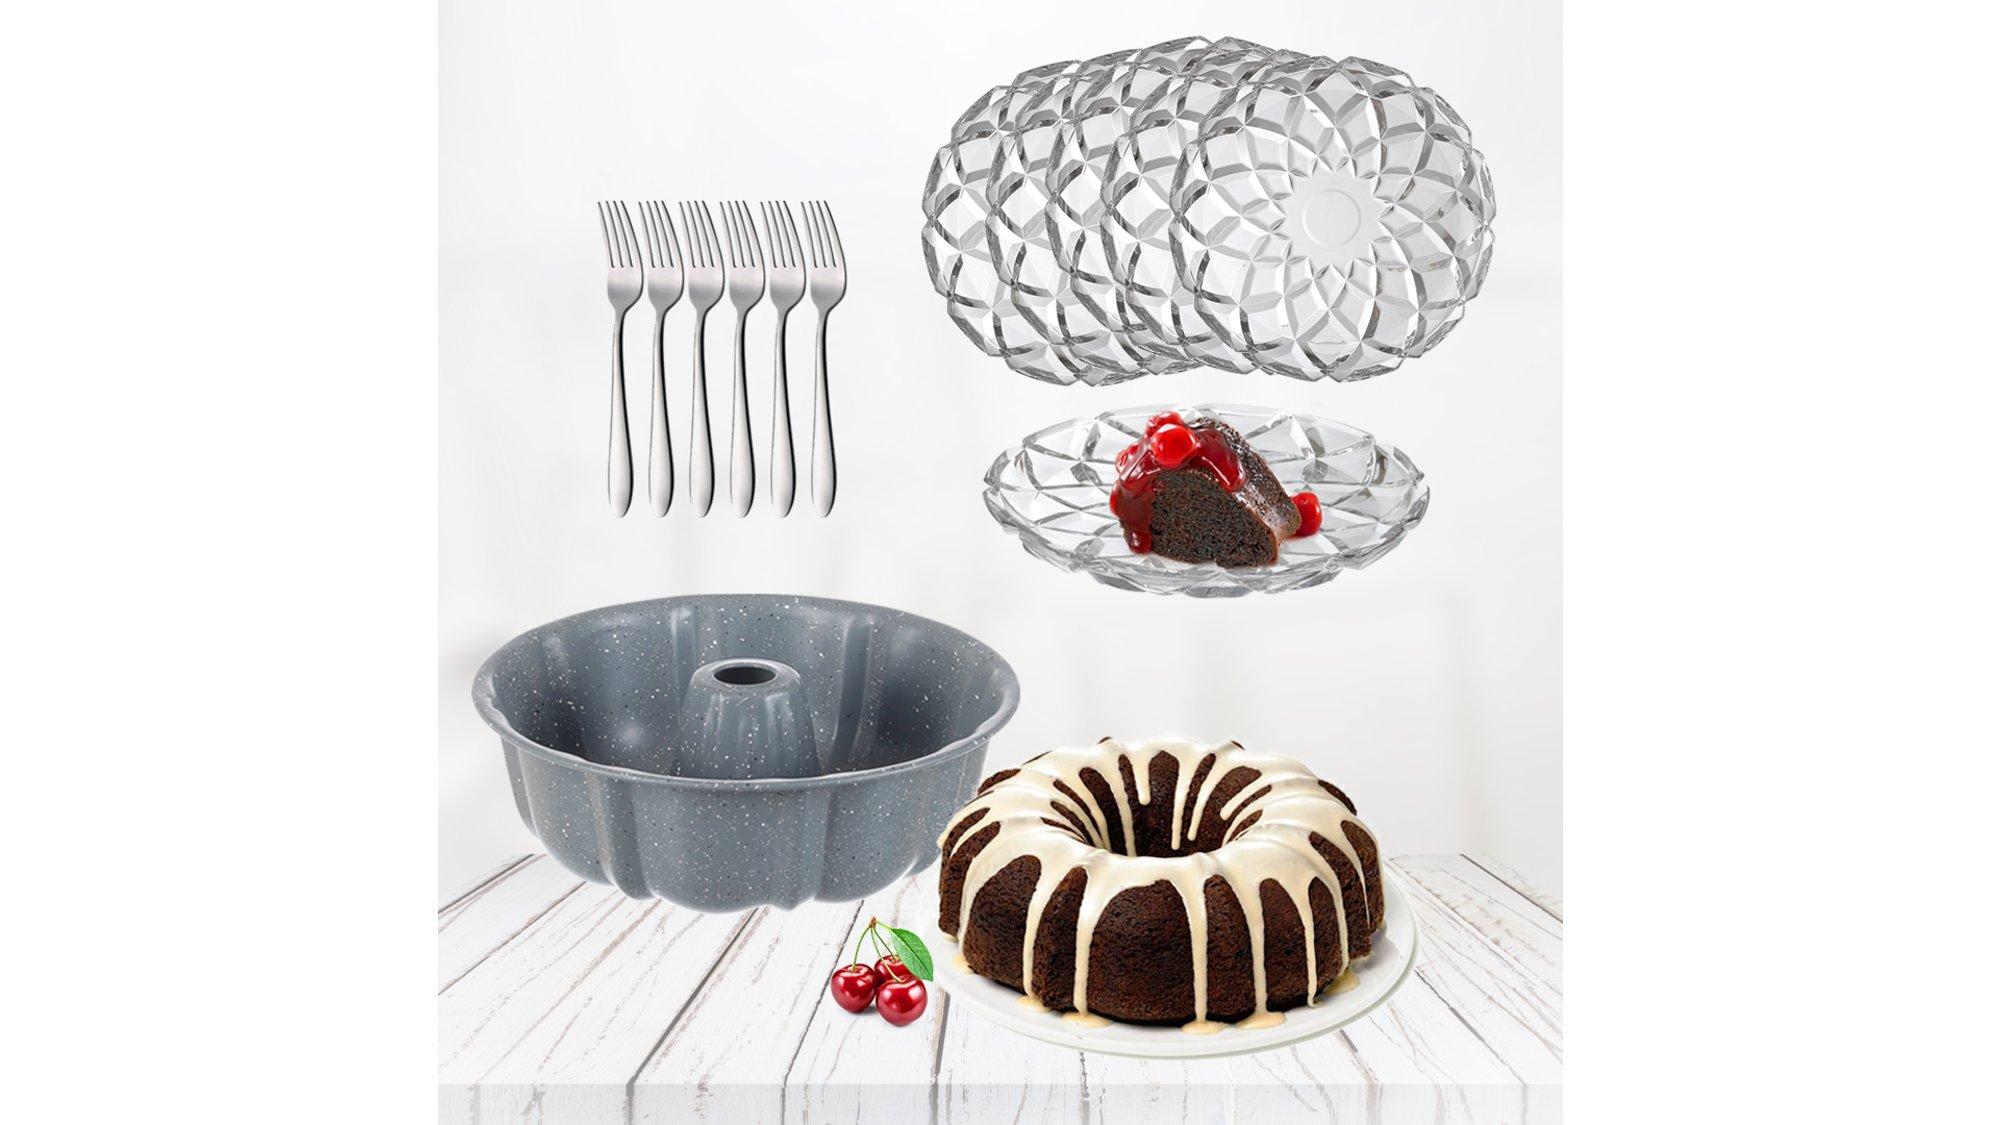 Shportë 6 Pjata Ëmbëlsire Millione, 6 Pirunj Aisha dhe 1 Formë Kon